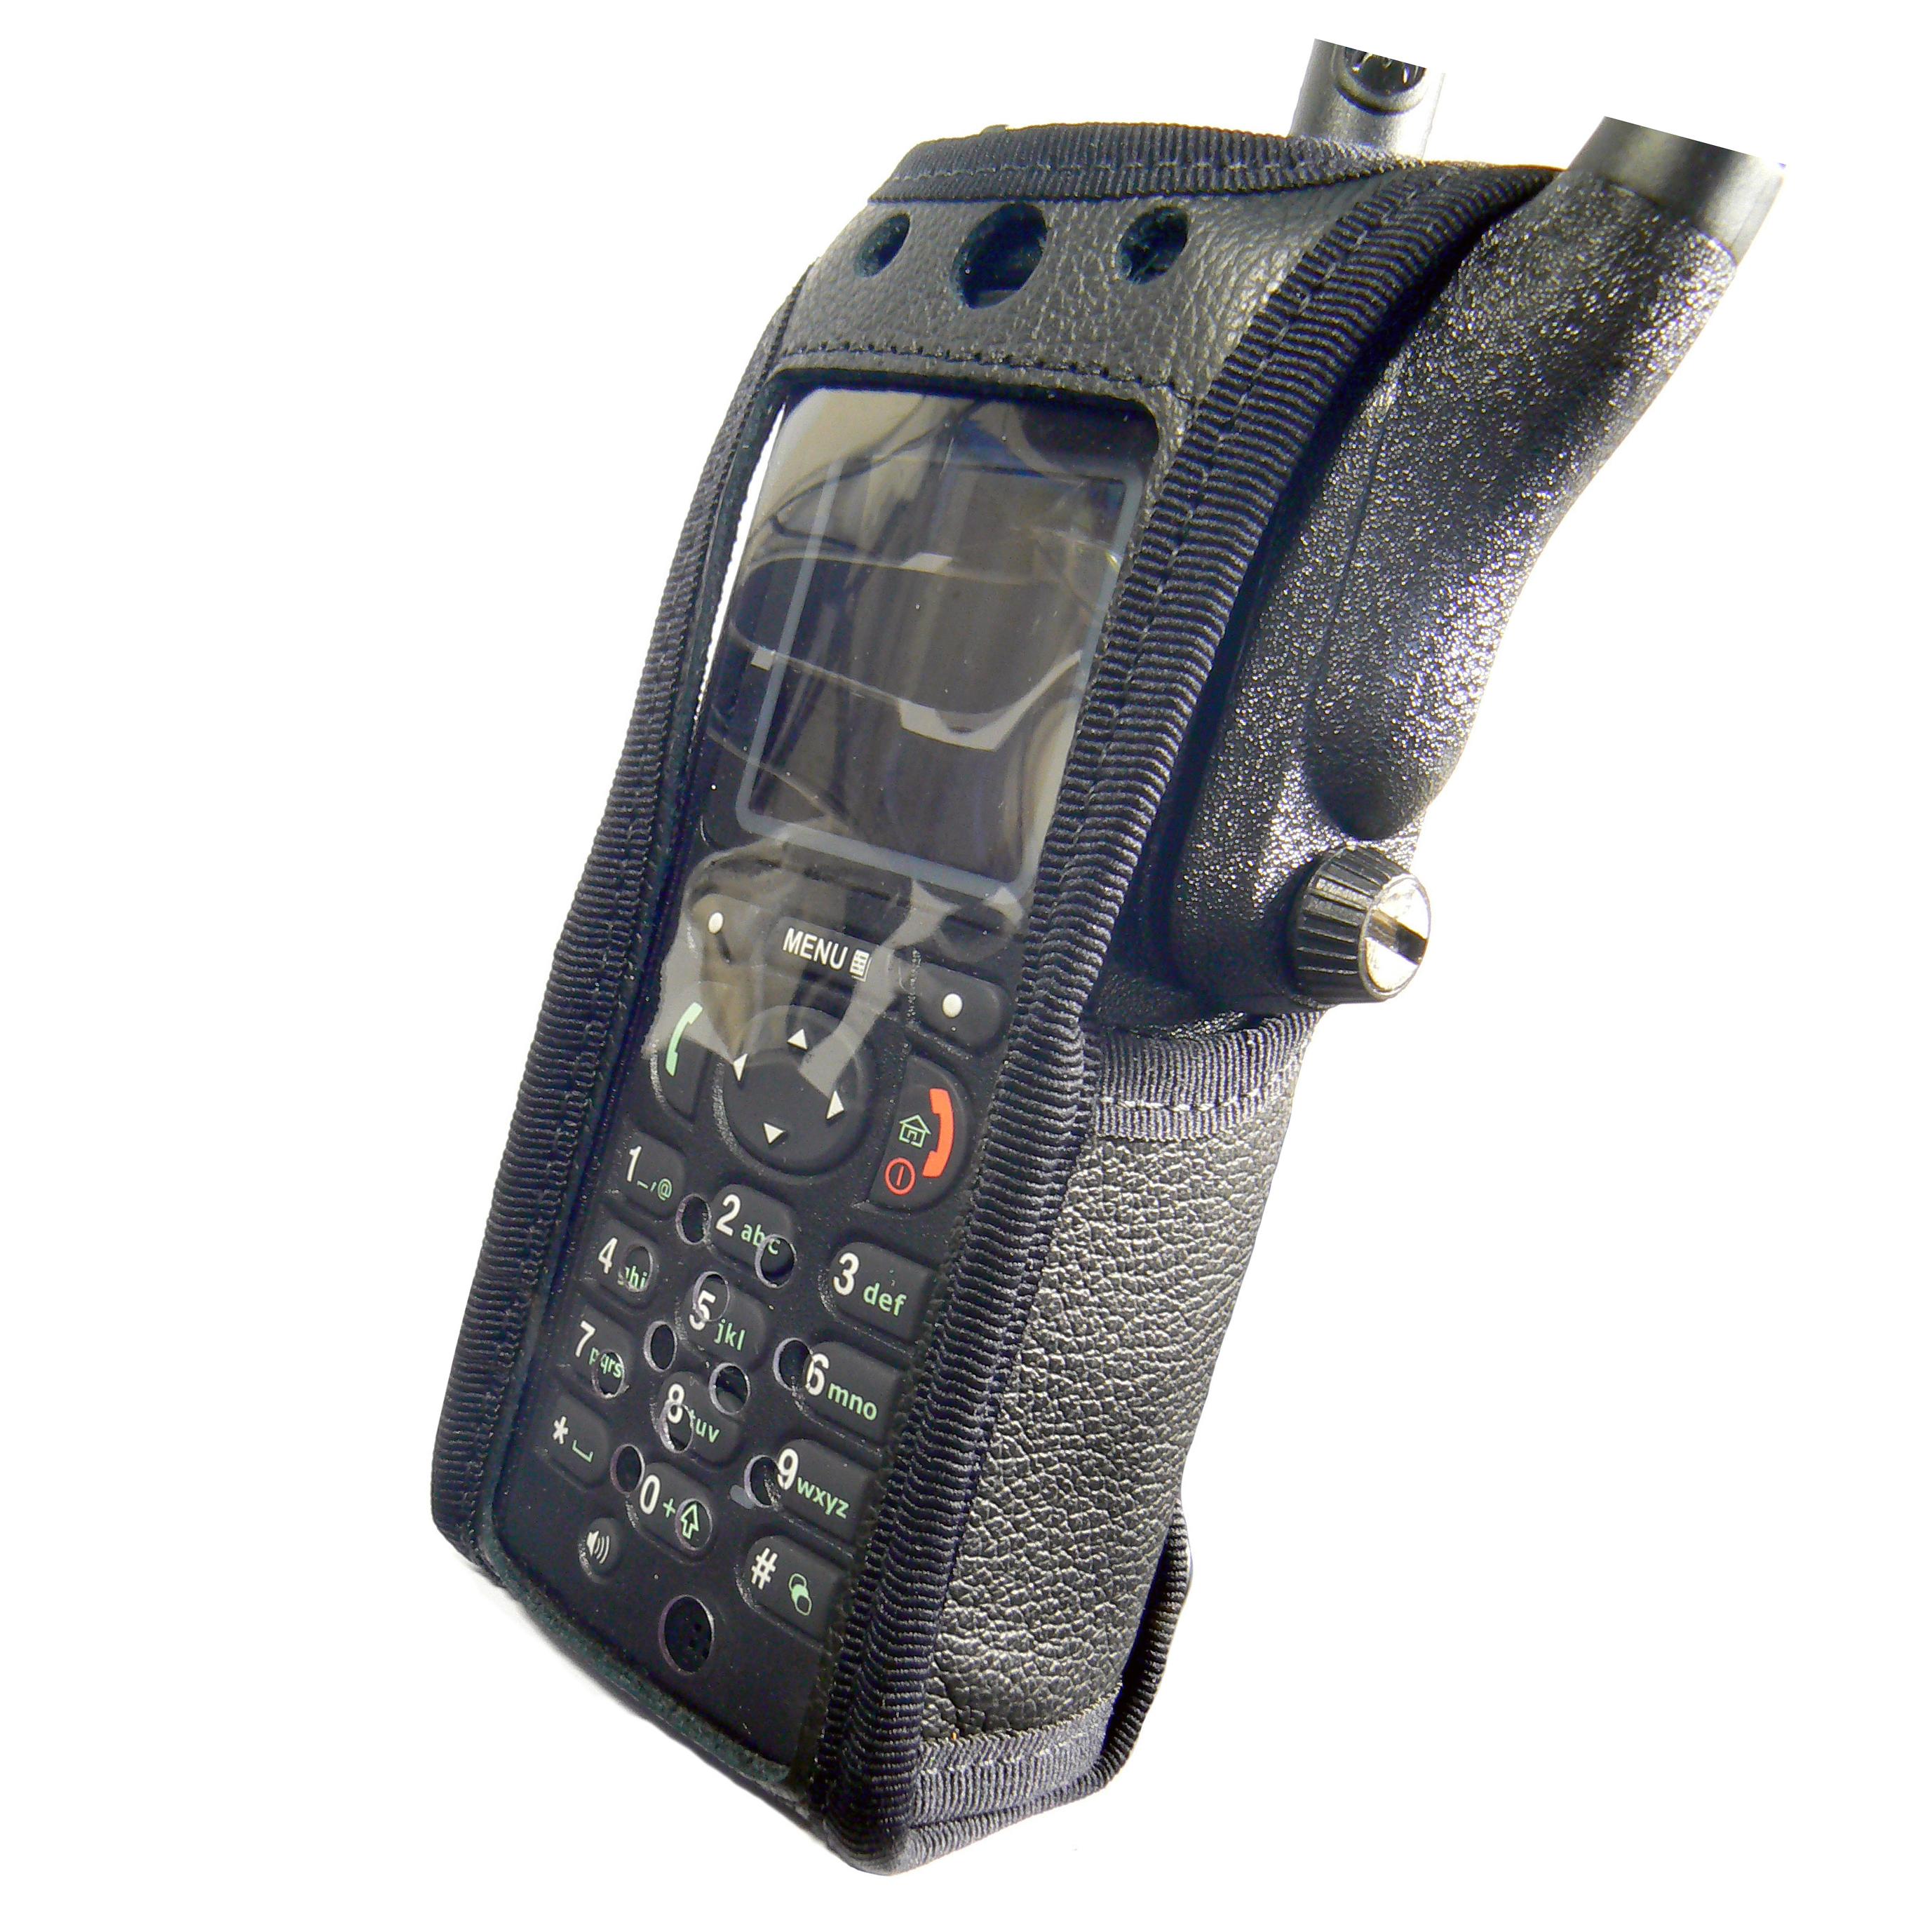 Motorola MTP850 FUG Leather Radio Case